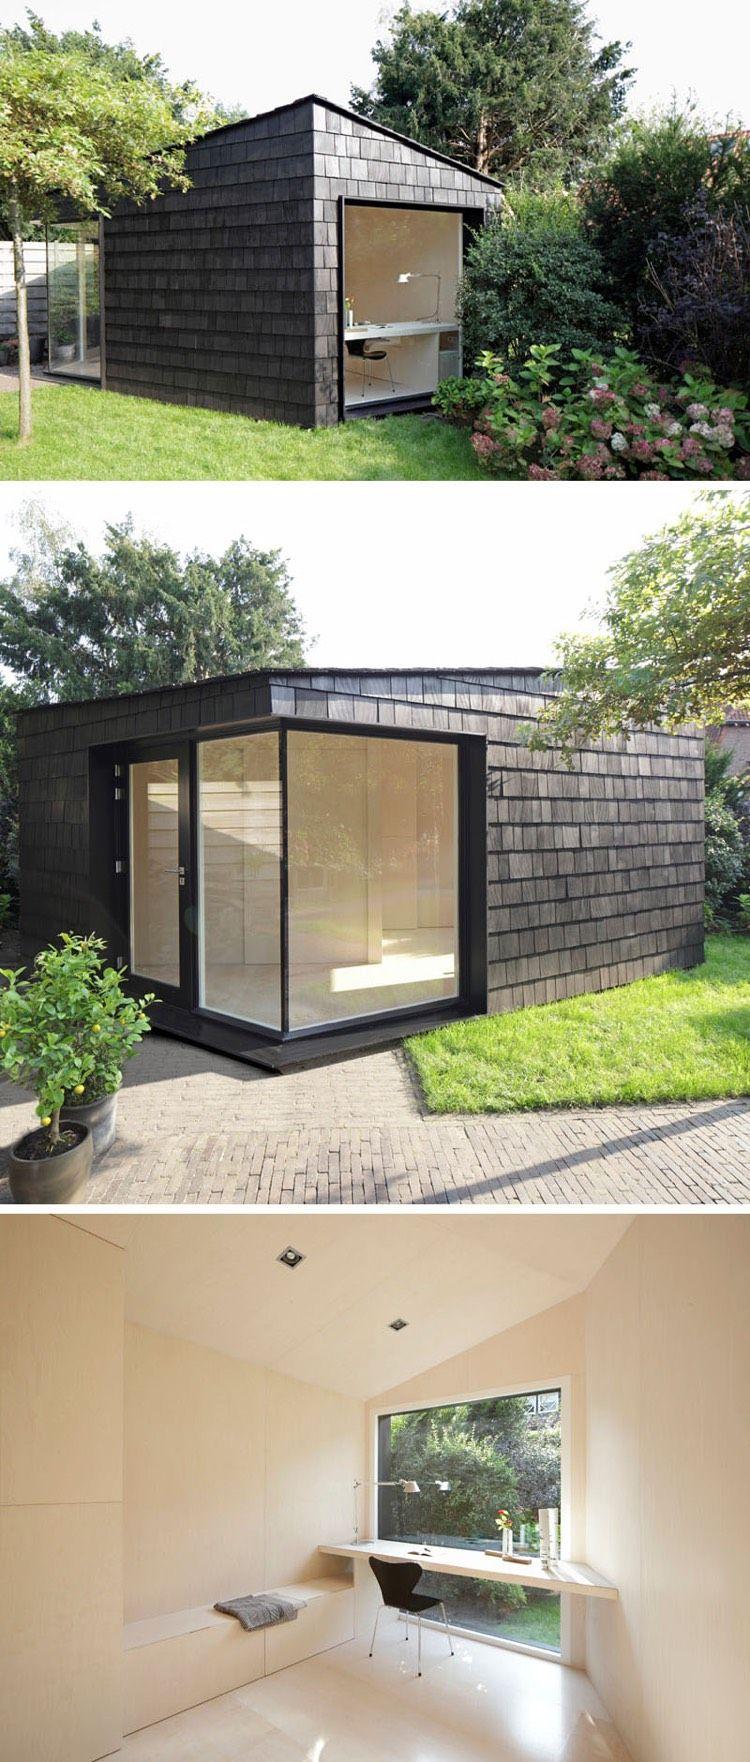 Gut 14 Moderne Gartenhäuser, Wo Man In Ruhe Arbeiten Oder Wohnen Kann